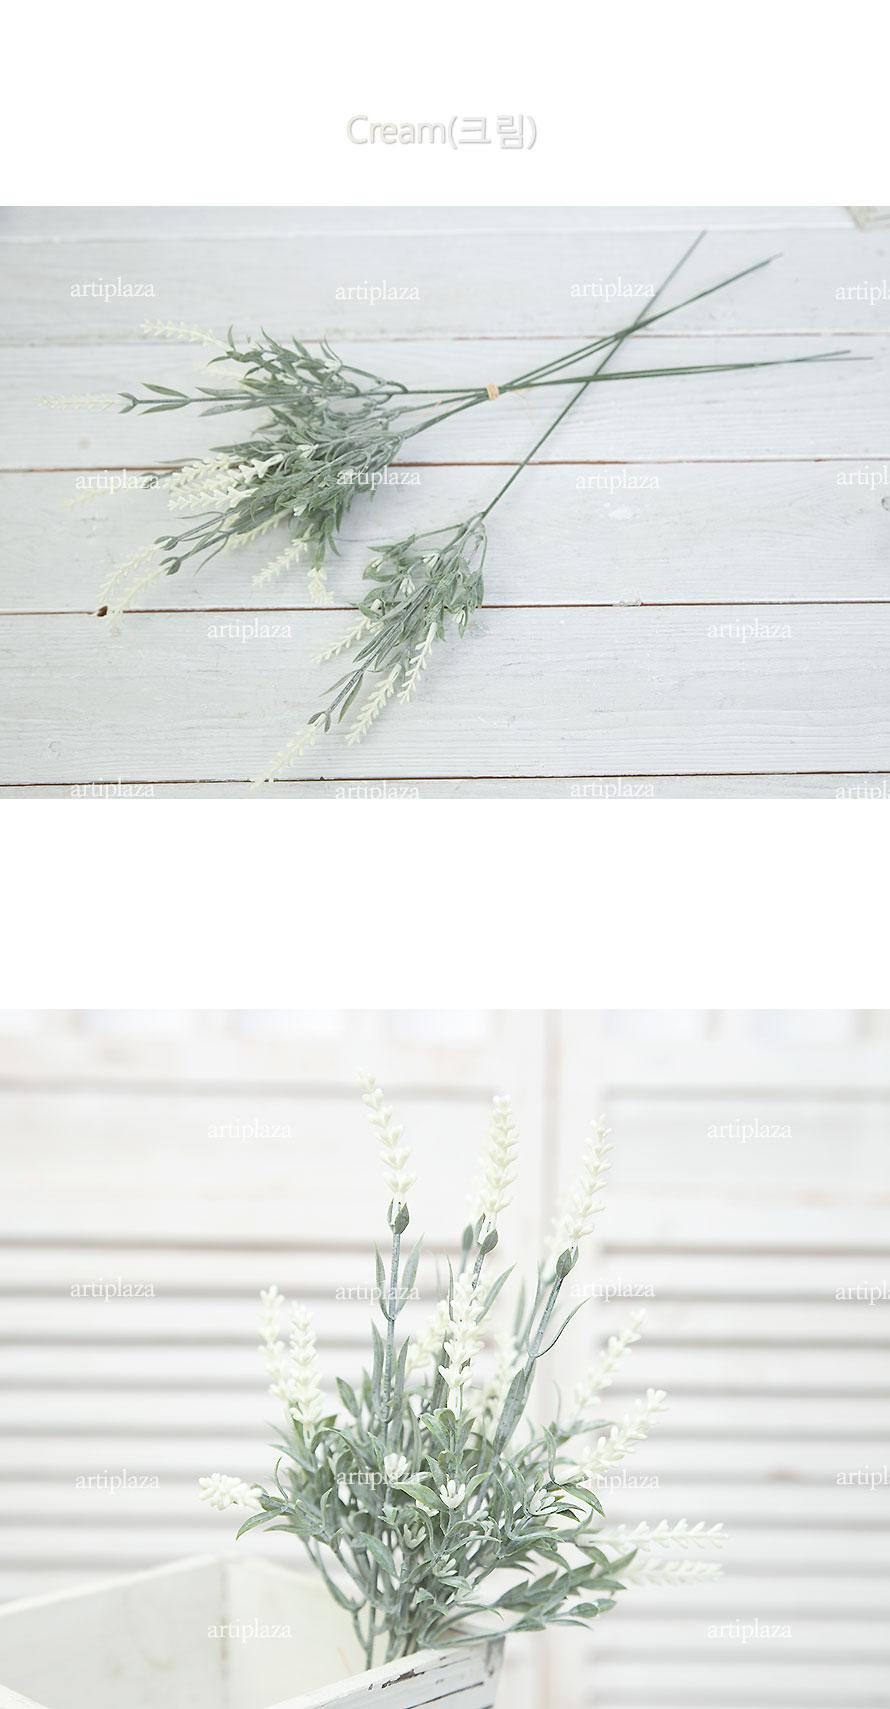 라벤더 피크 번들 5P 조화 라벤다 조화꽃 장식 - 아티플라자, 3,100원, 조화, 리스/가랜드